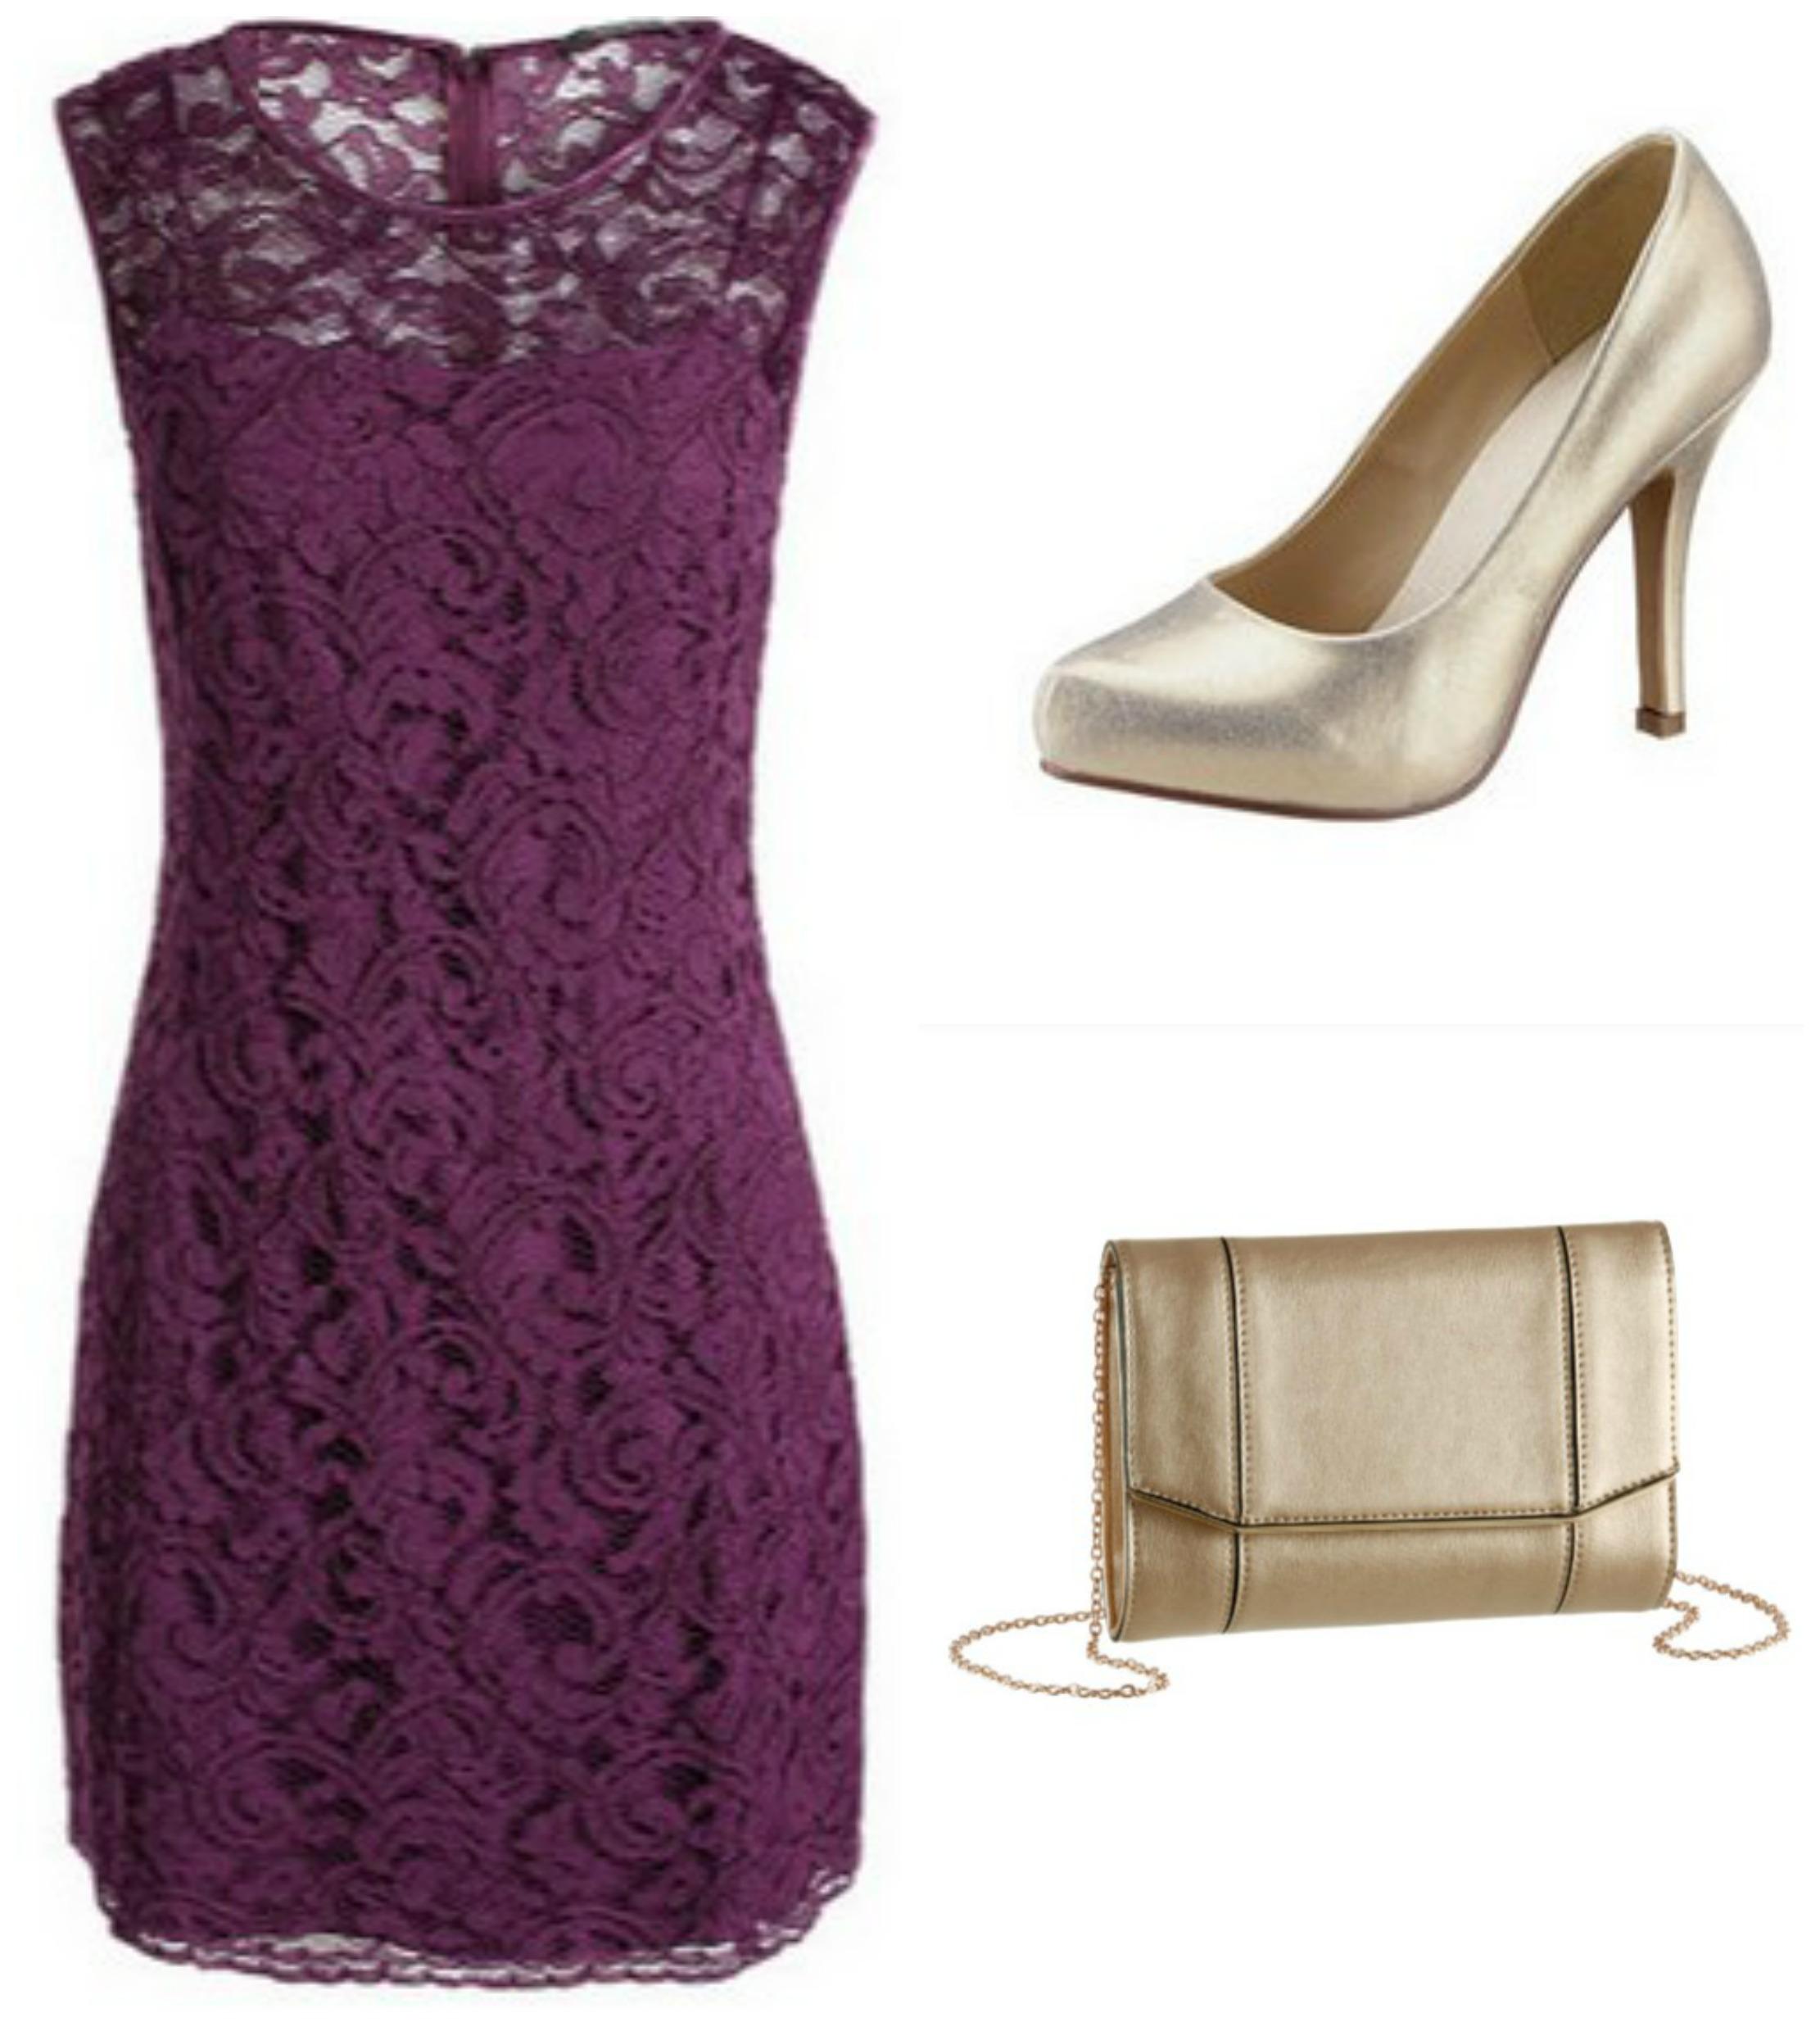 Lila Kleid Welche Farbe Schuhe Schone Kleider Dieser Saison